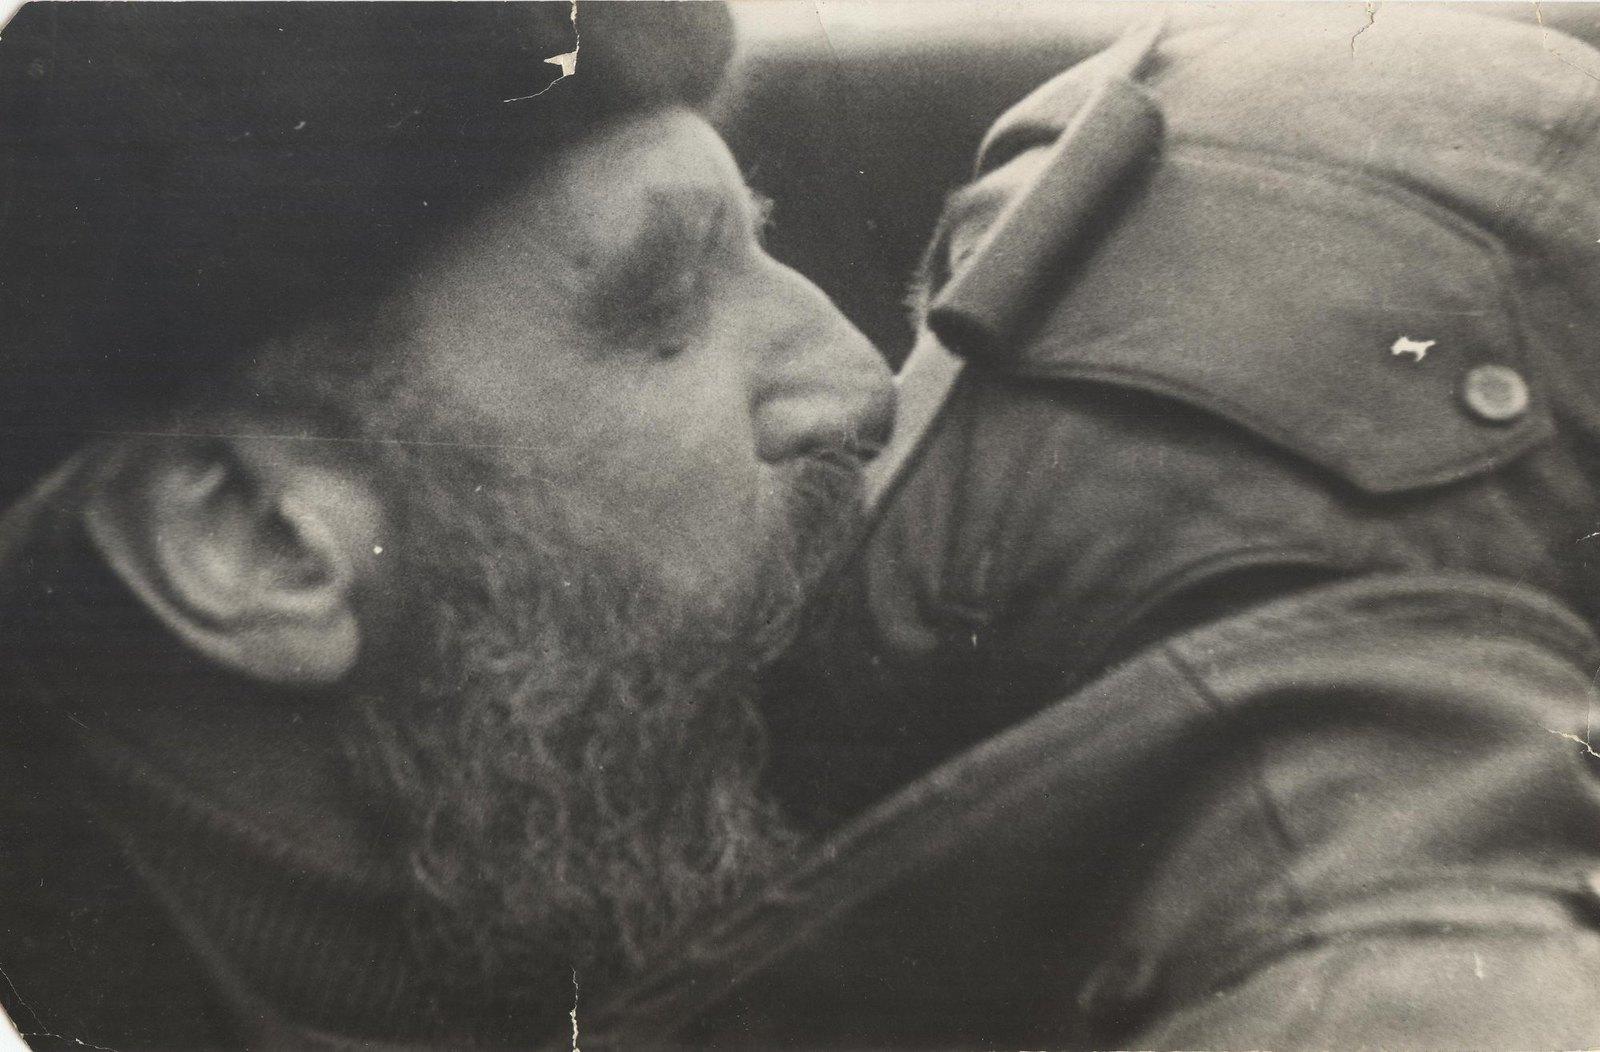 1934. Руководитель экспедиции на ледоколе «Челюскин» О.Ю. Шмидт